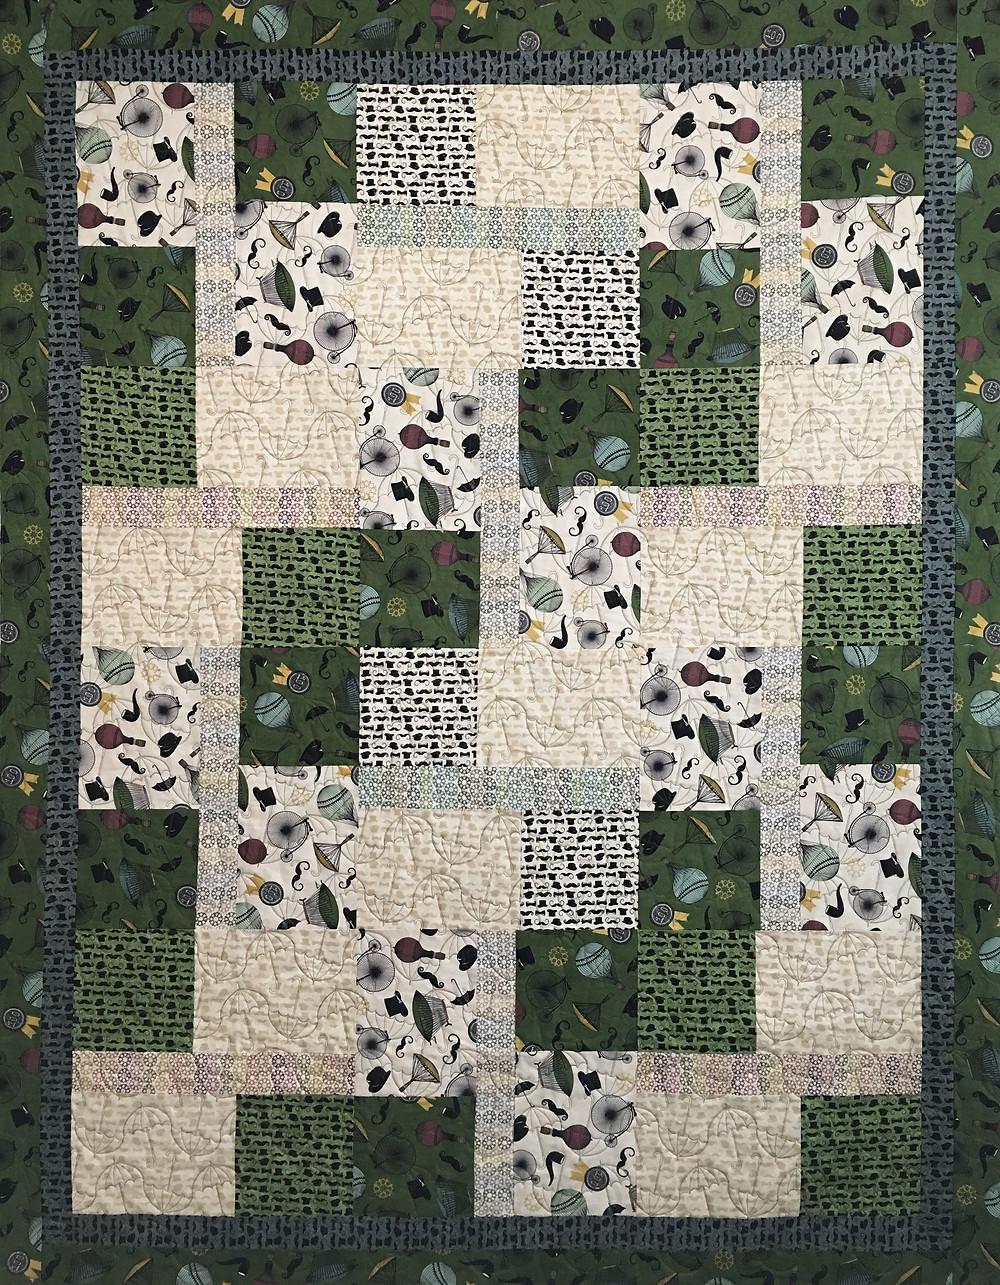 Jenny Paris Theme Quilt